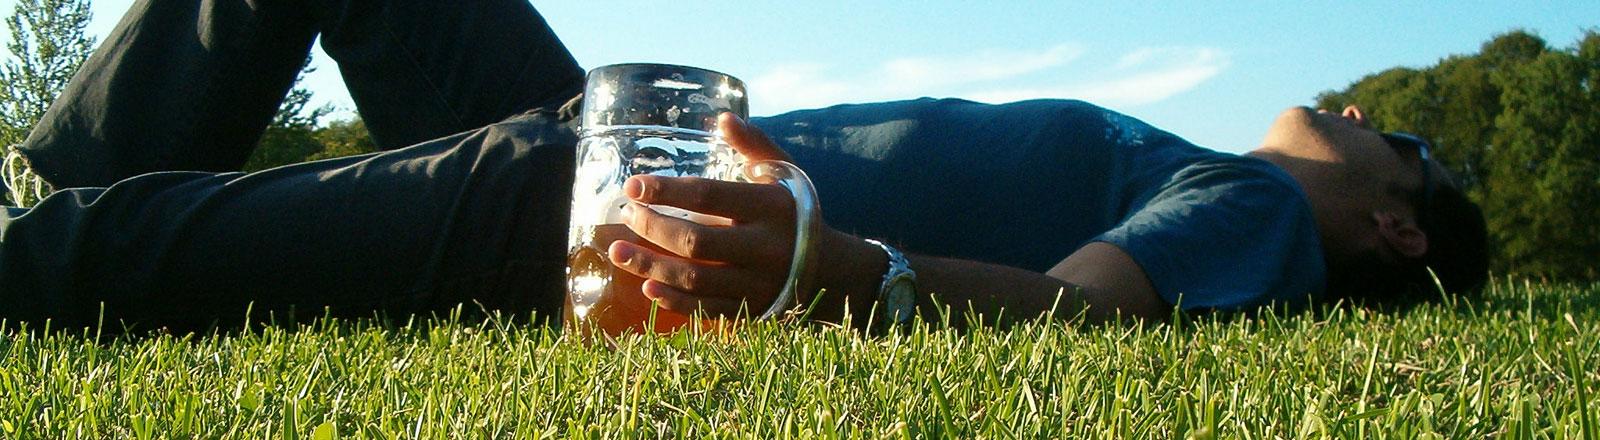 Mann mit Bierkrug auf Frühlingswiese